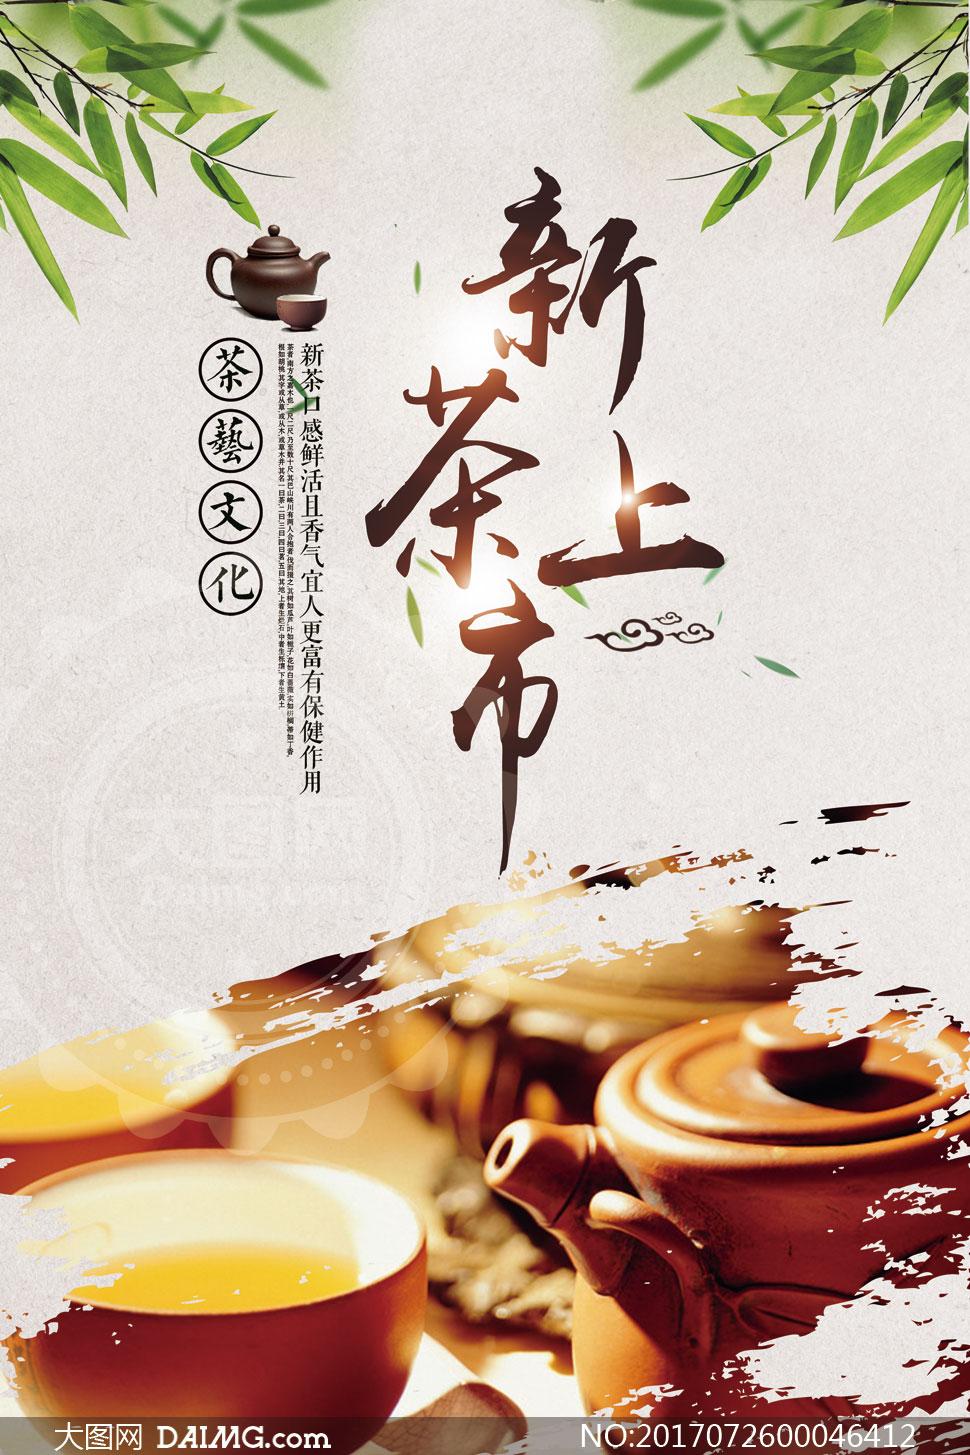 新茶上市宣传海报设计PSD分层素材